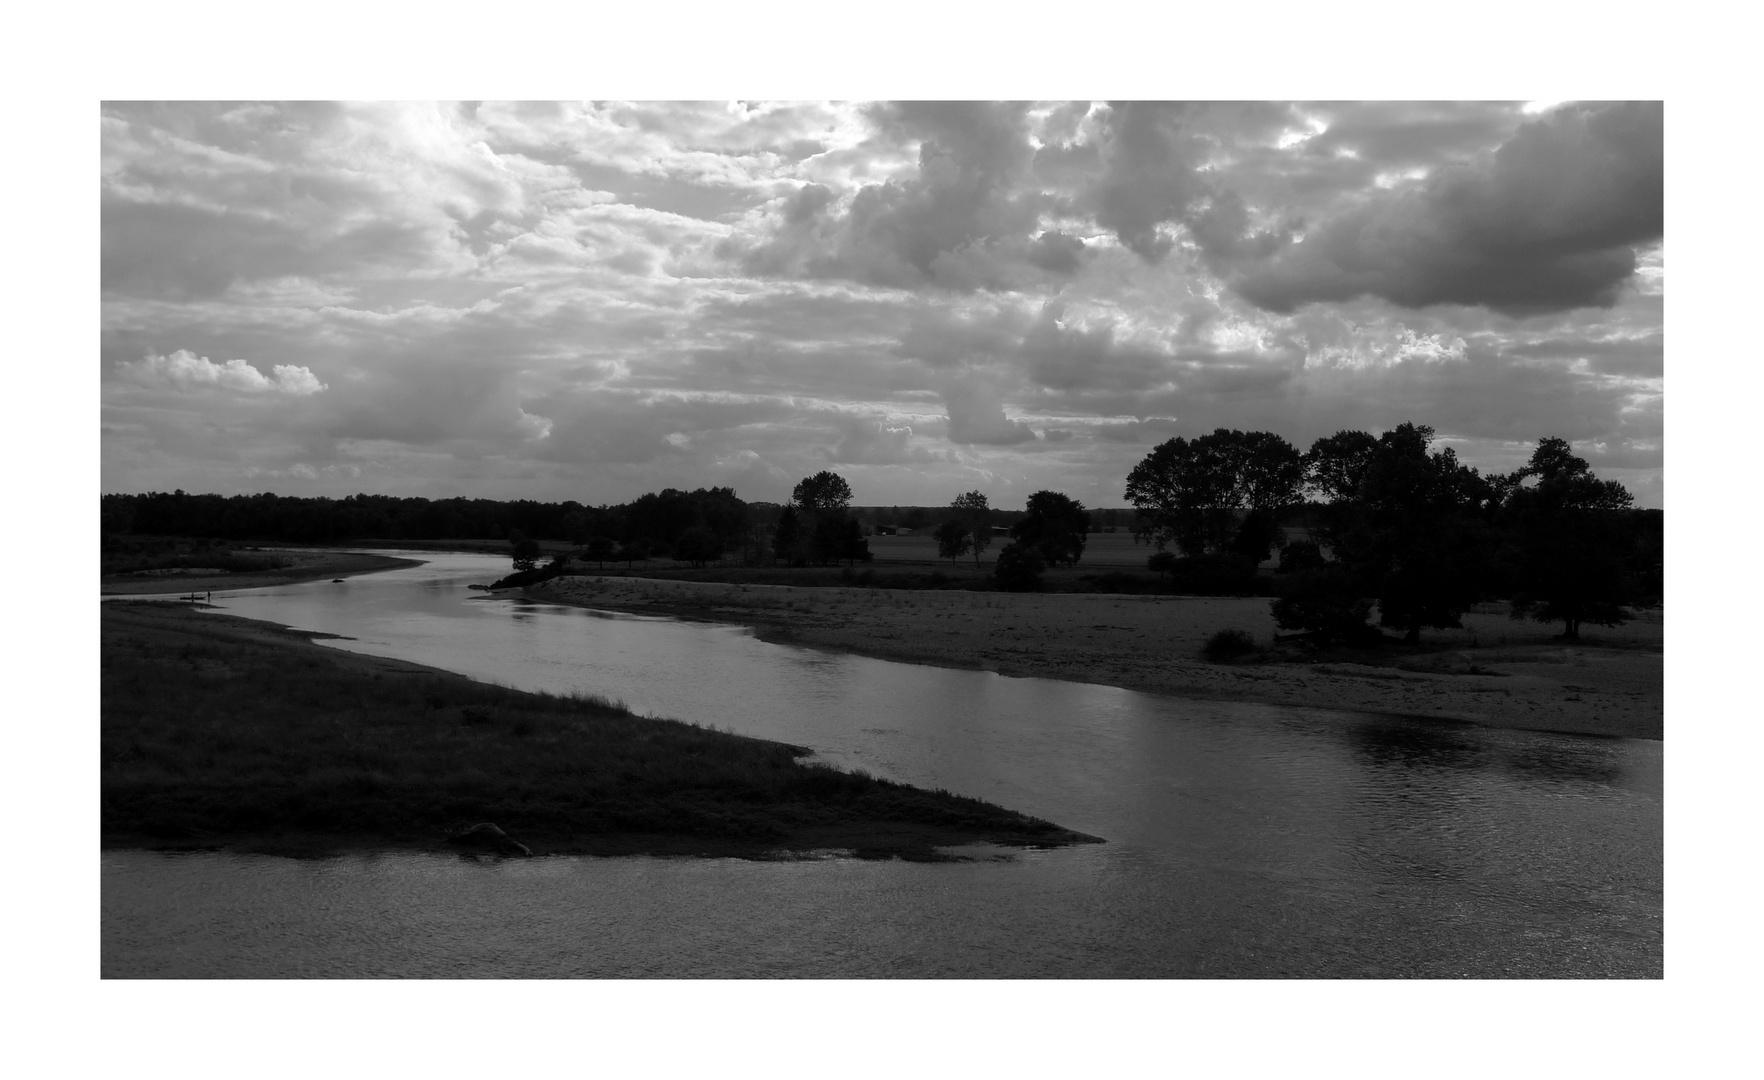 un long fleuve tranquille?...